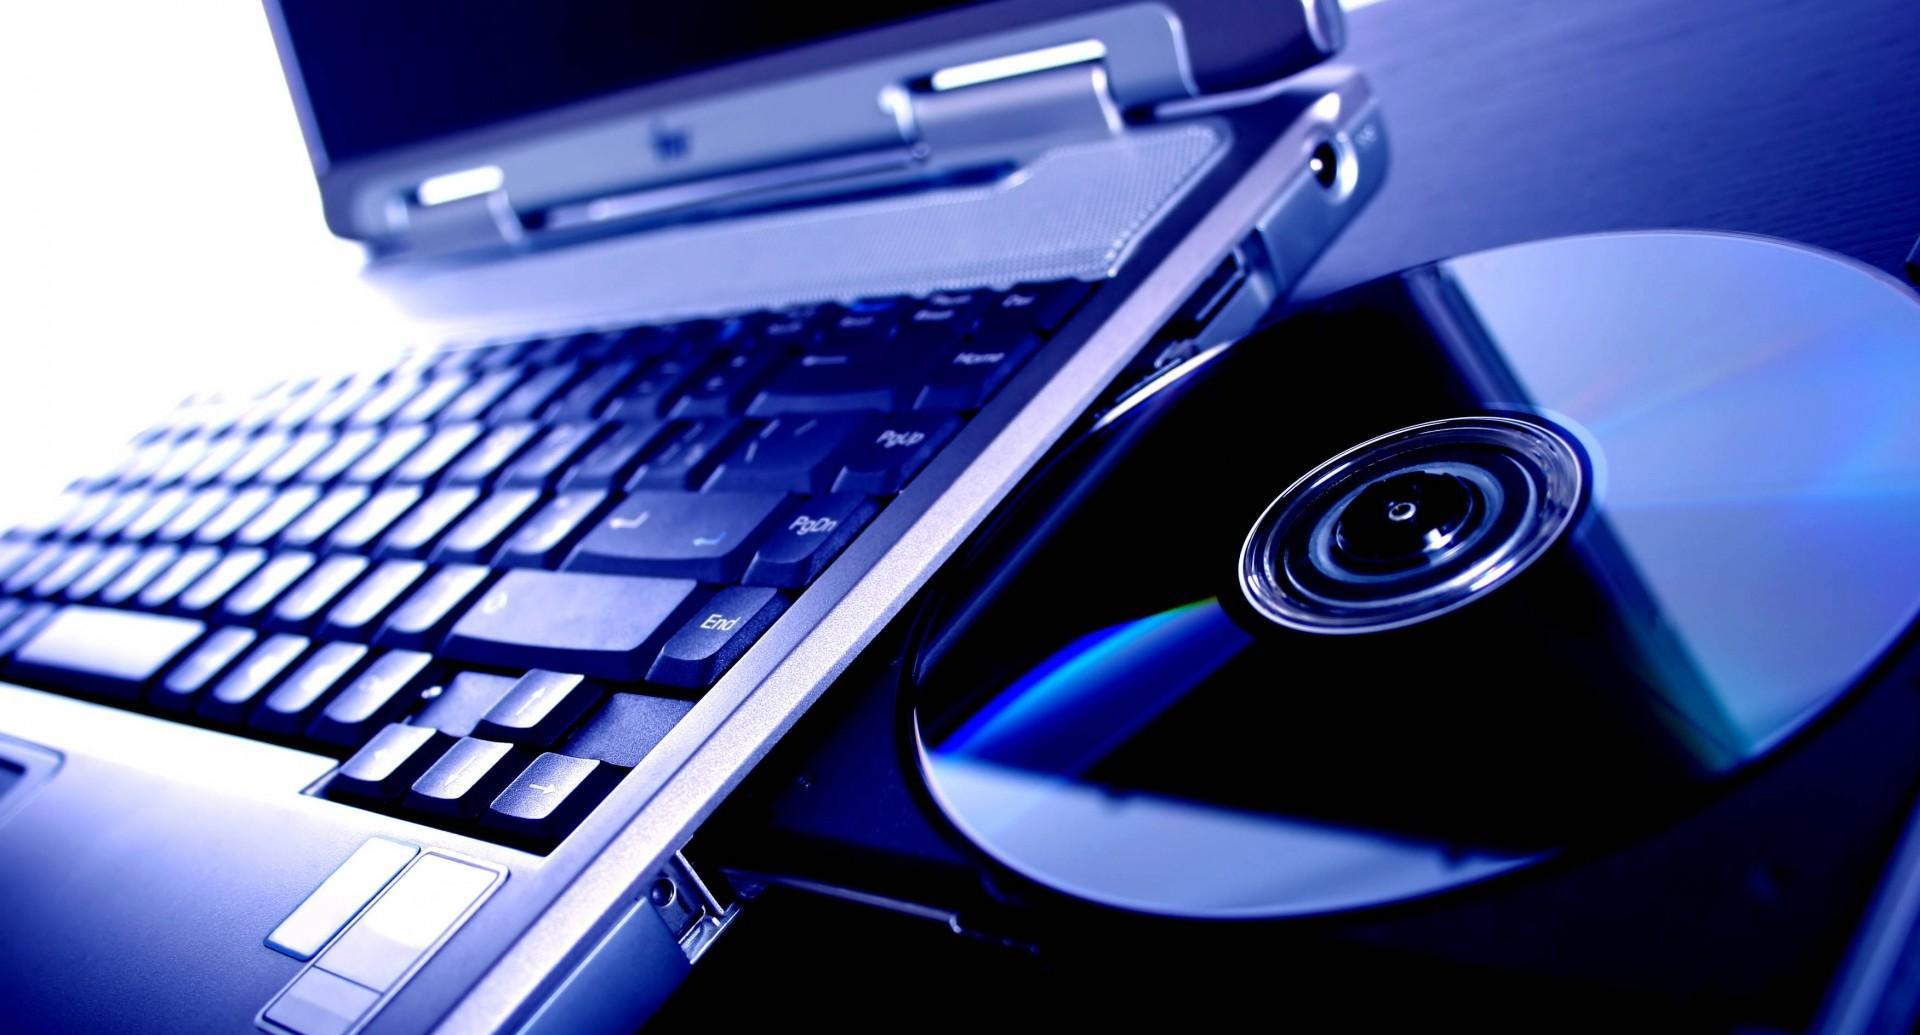 Ноутбук с диском